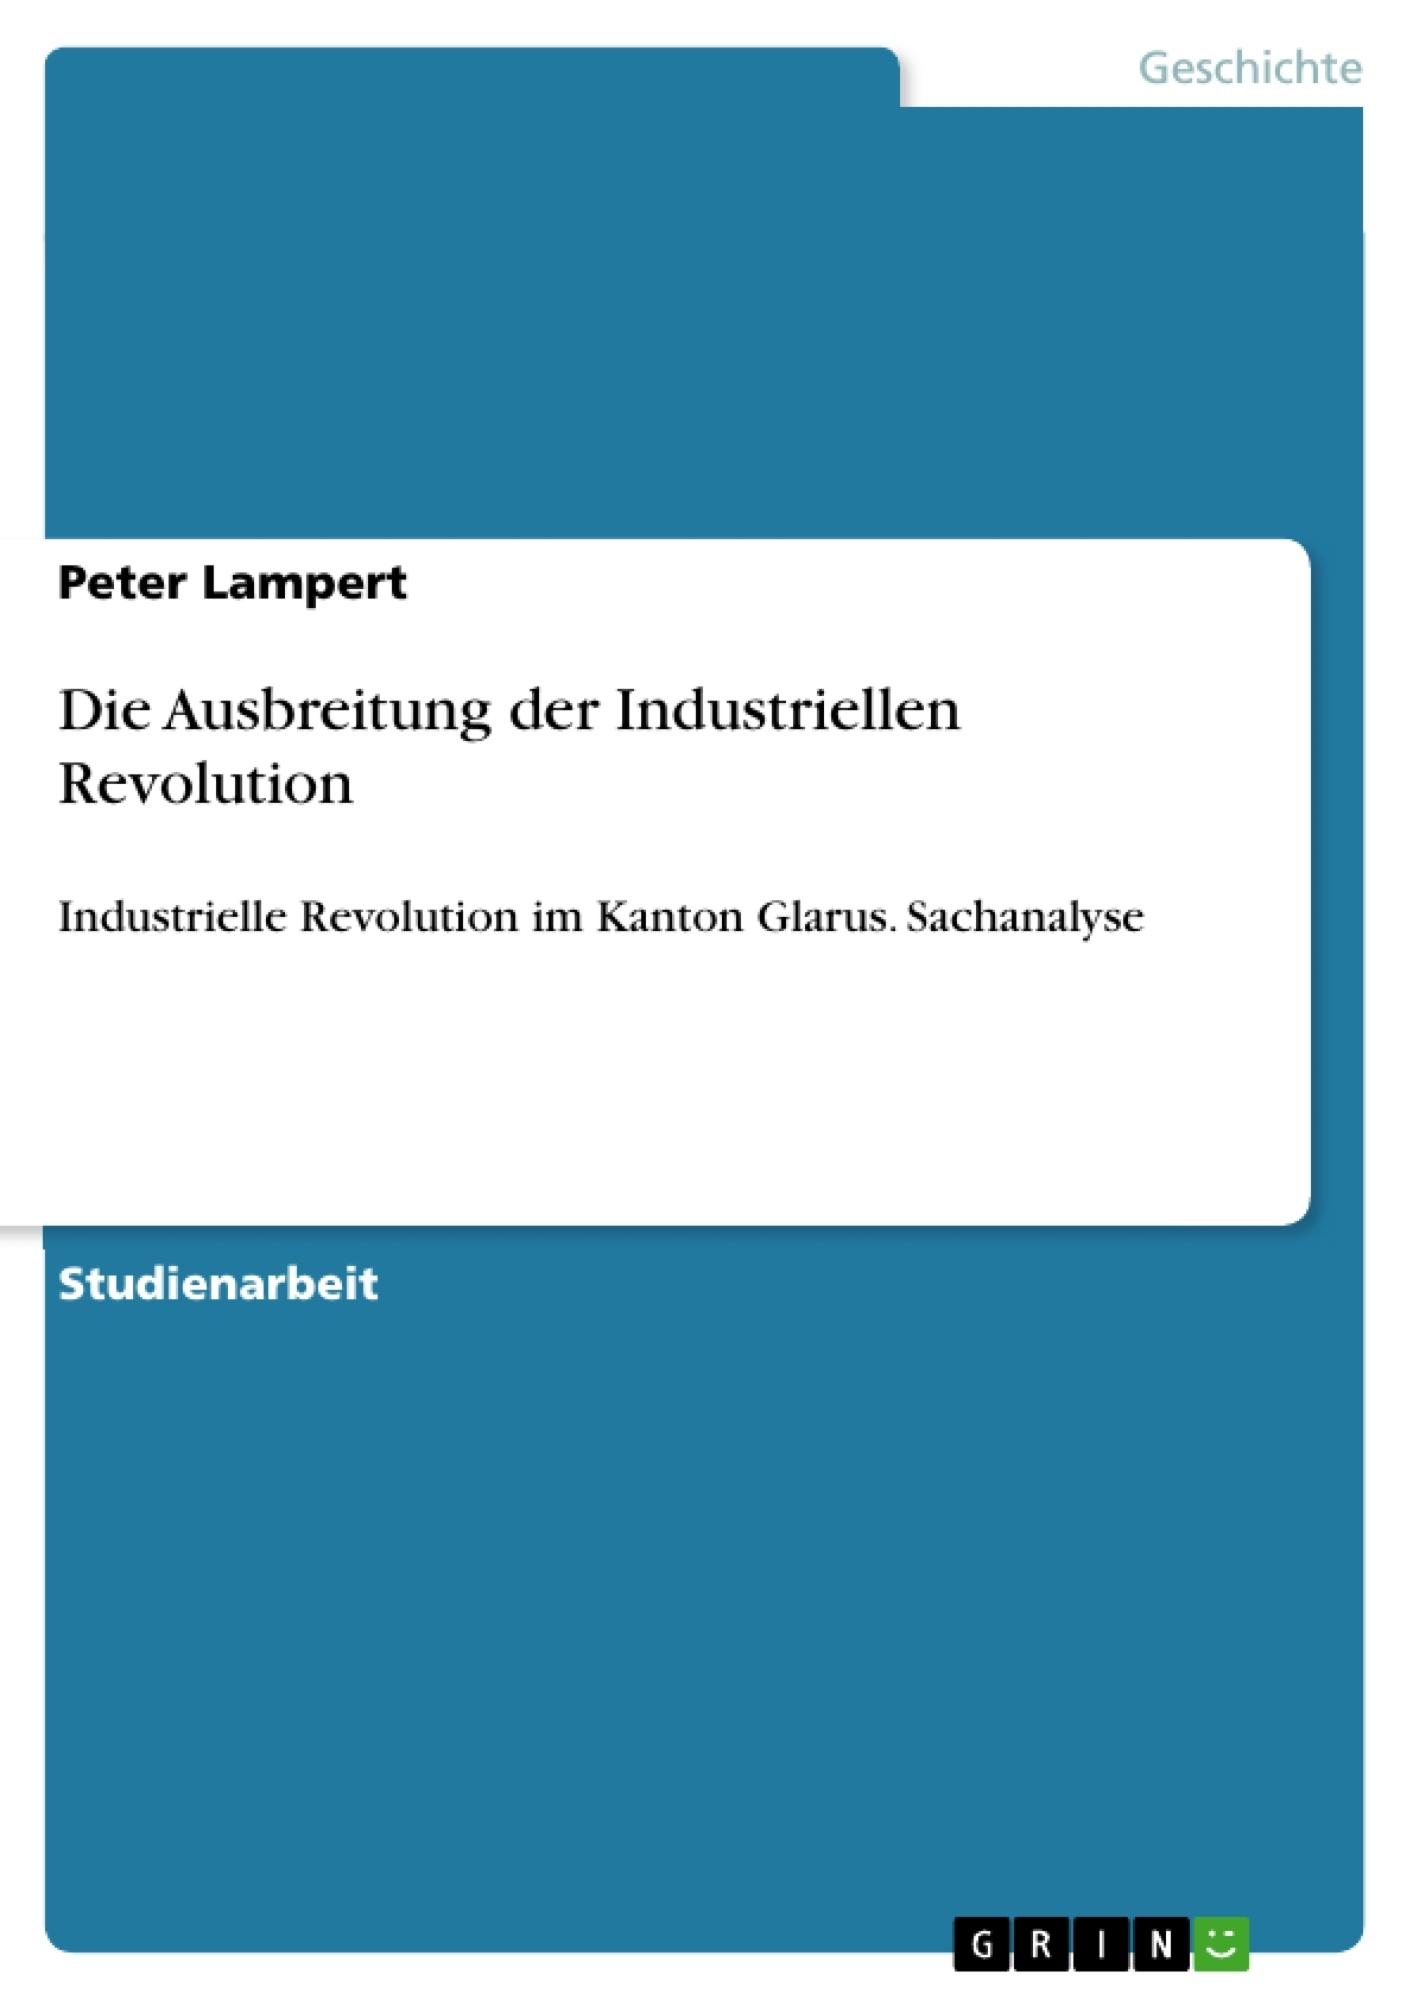 Titel: Die Ausbreitung der Industriellen Revolution